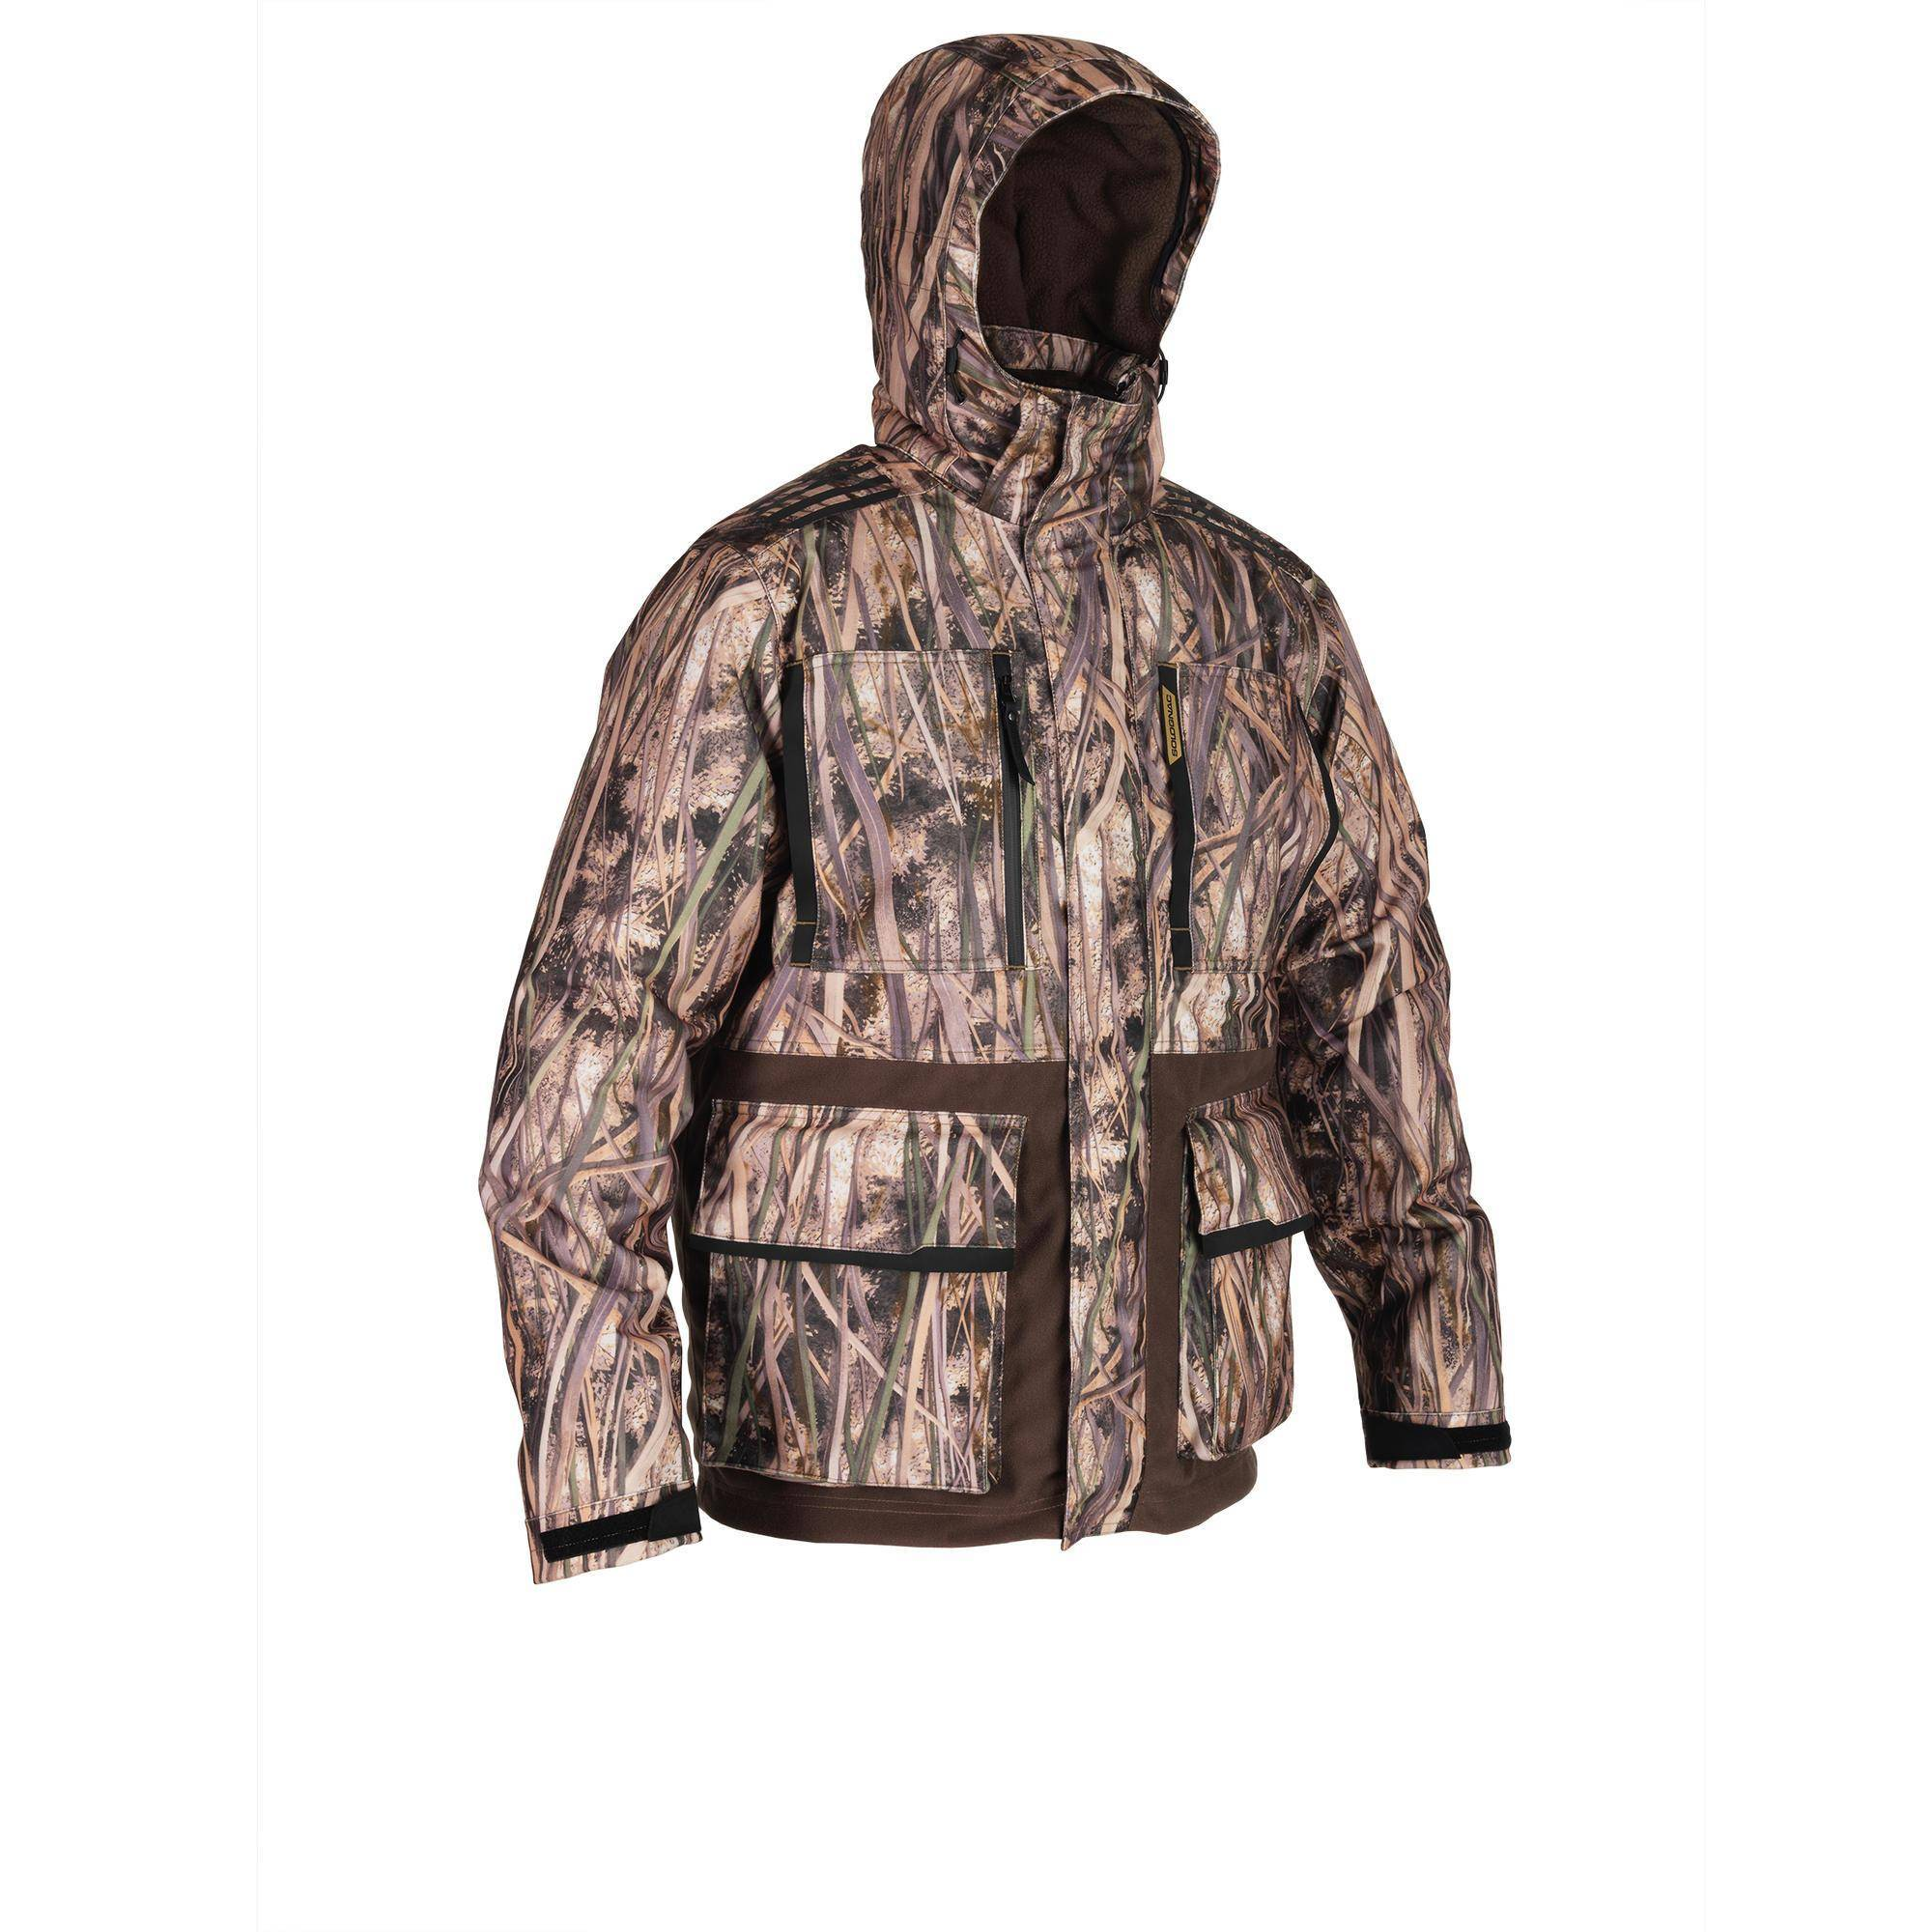 Solognac Veste chasse chaude et imperméable 500 camouflage marais - Solognac